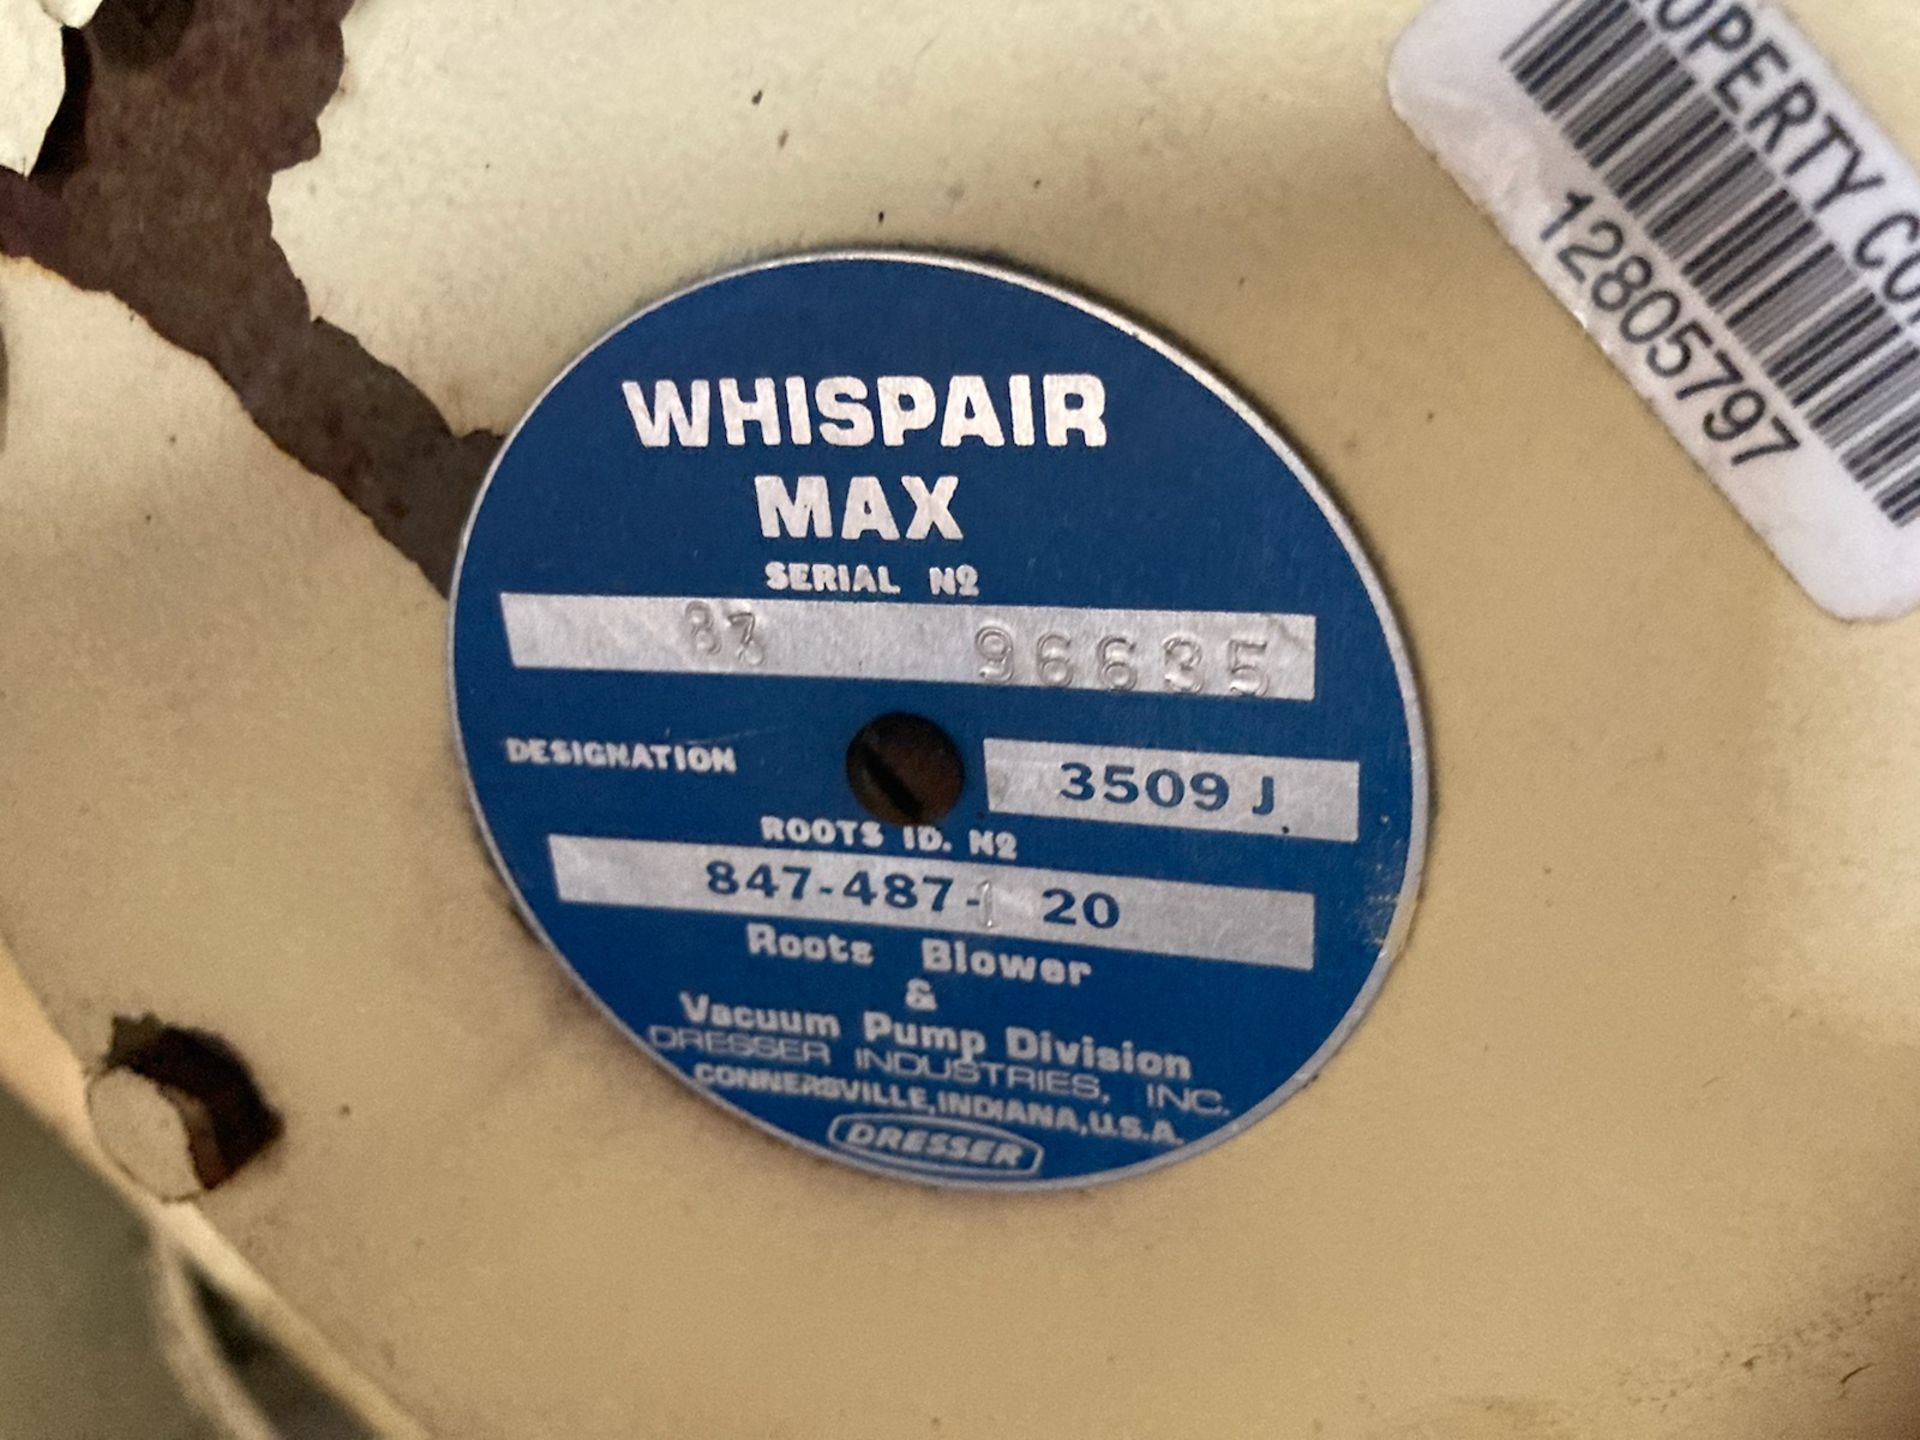 Dresser Whispair Max Blower Package - Image 2 of 2